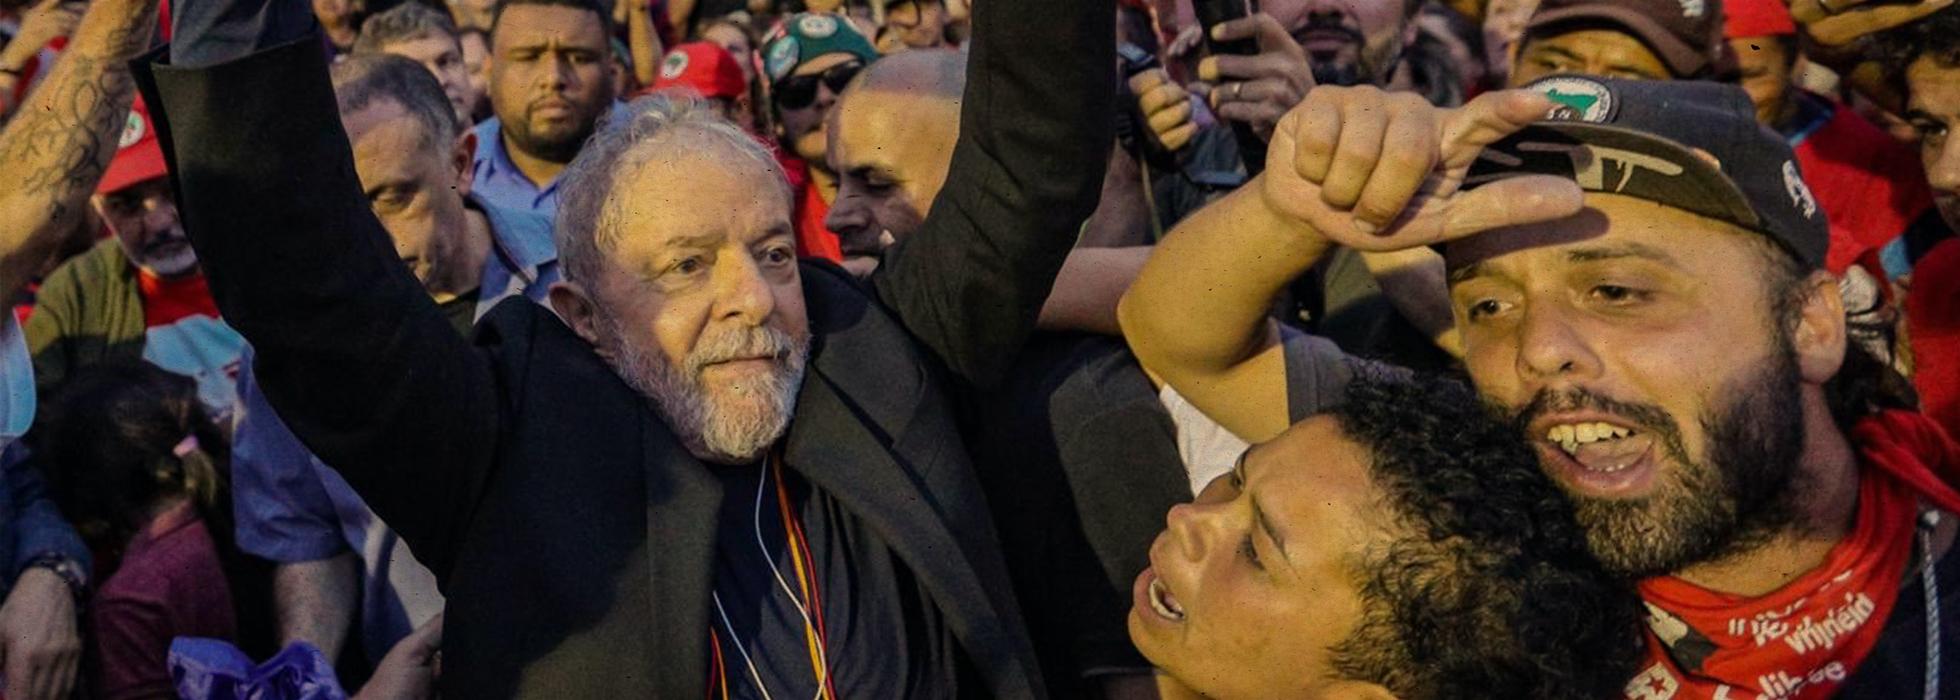 Lula da Silva freed